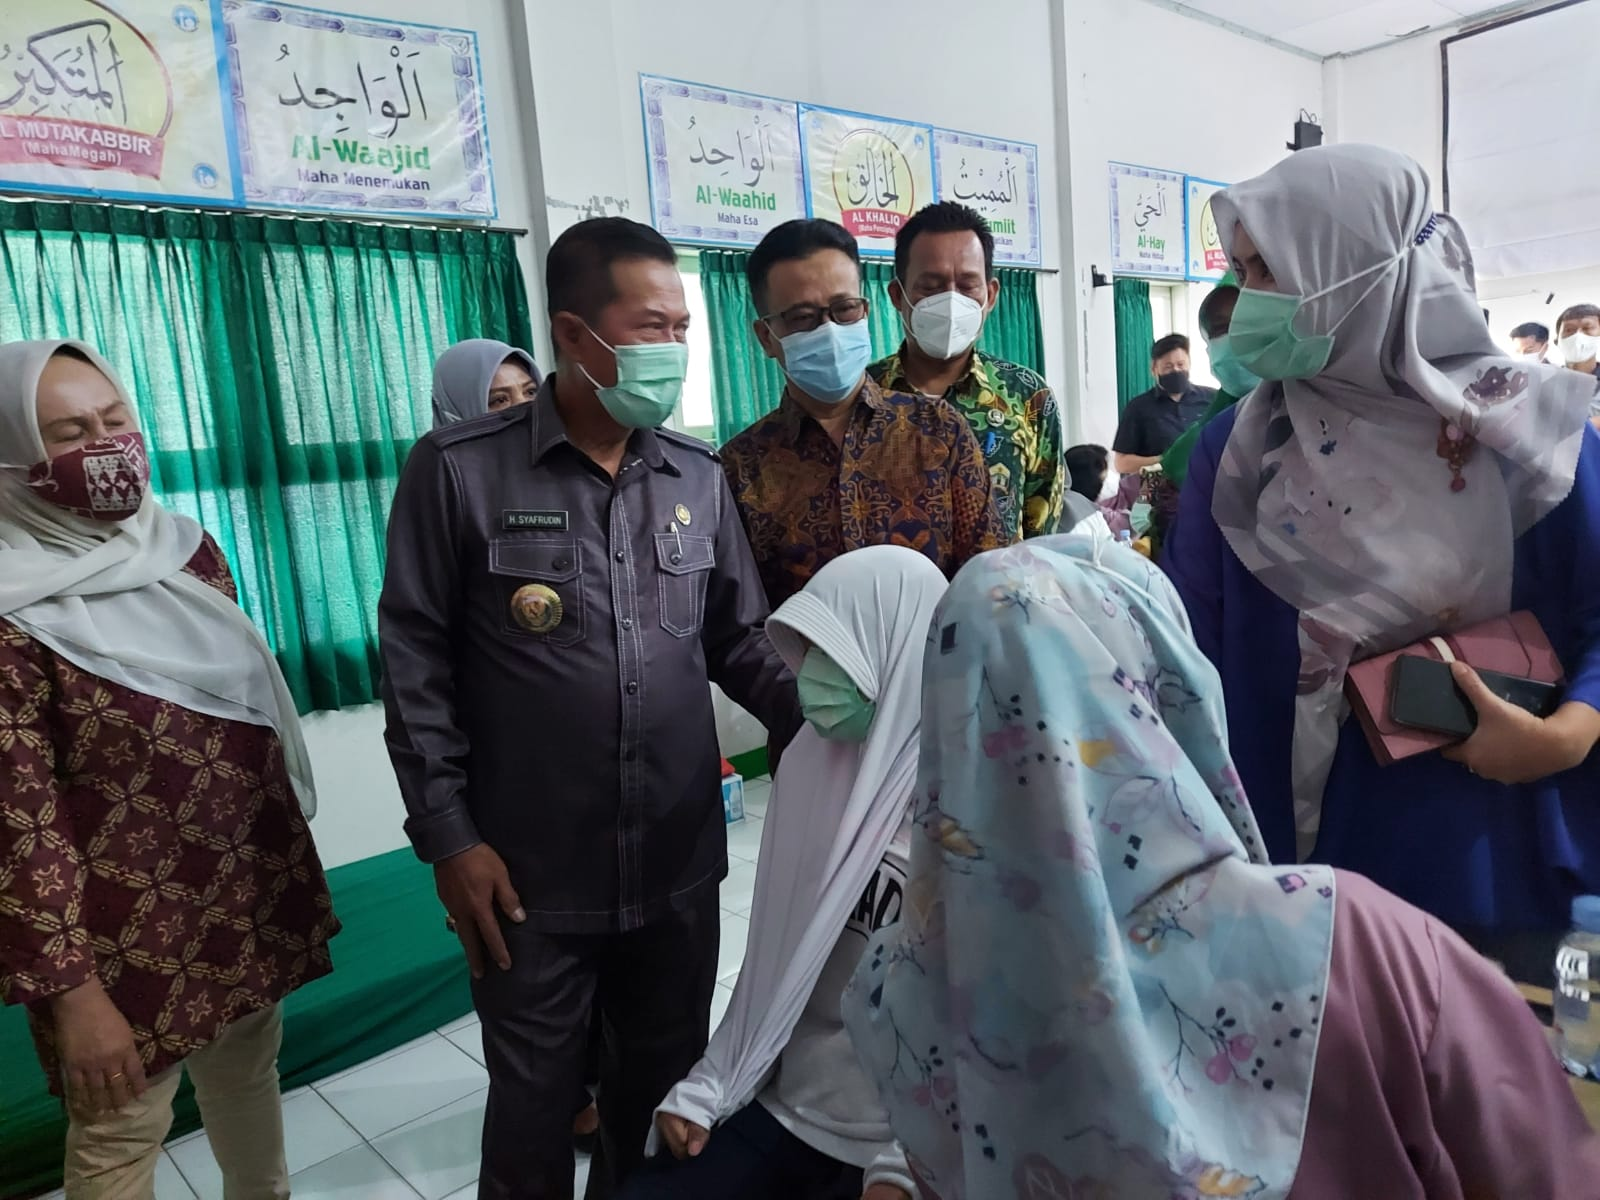 Gambar Wali Kota Serang : 90 SMP di Kota Serang Siap Lakukan PTM 11